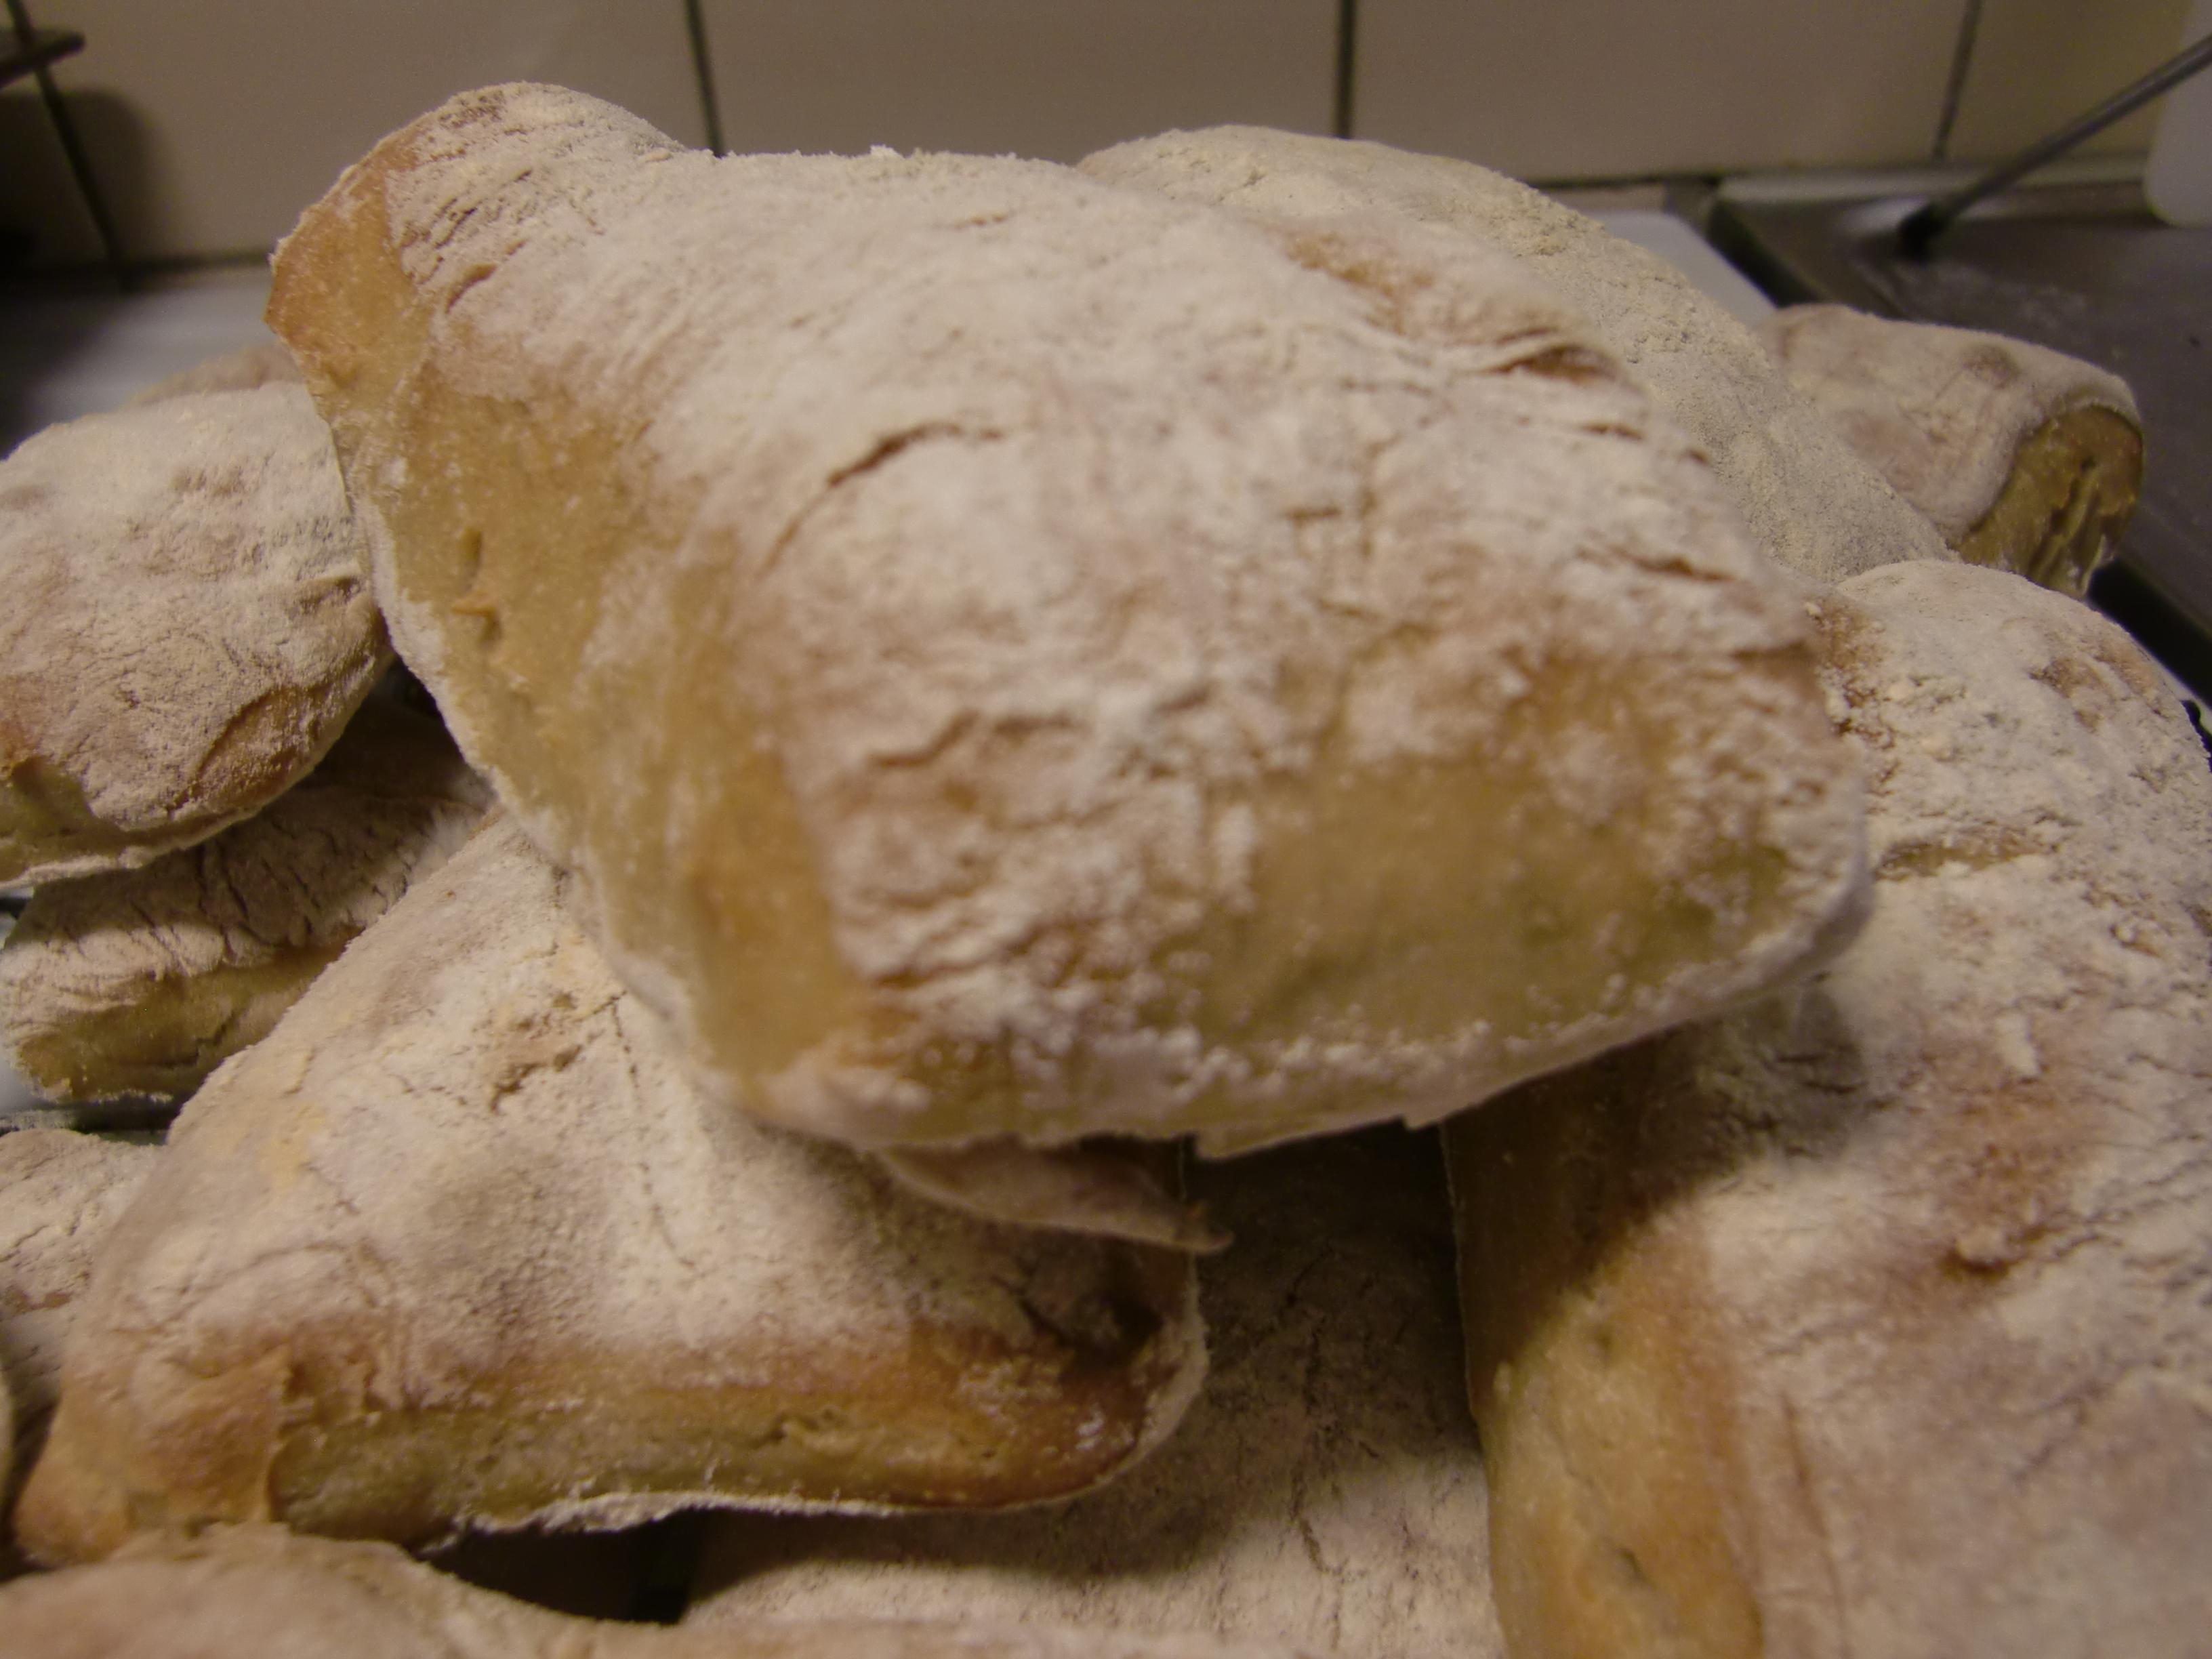 snabbt enkelt vitt bröd utan jäst